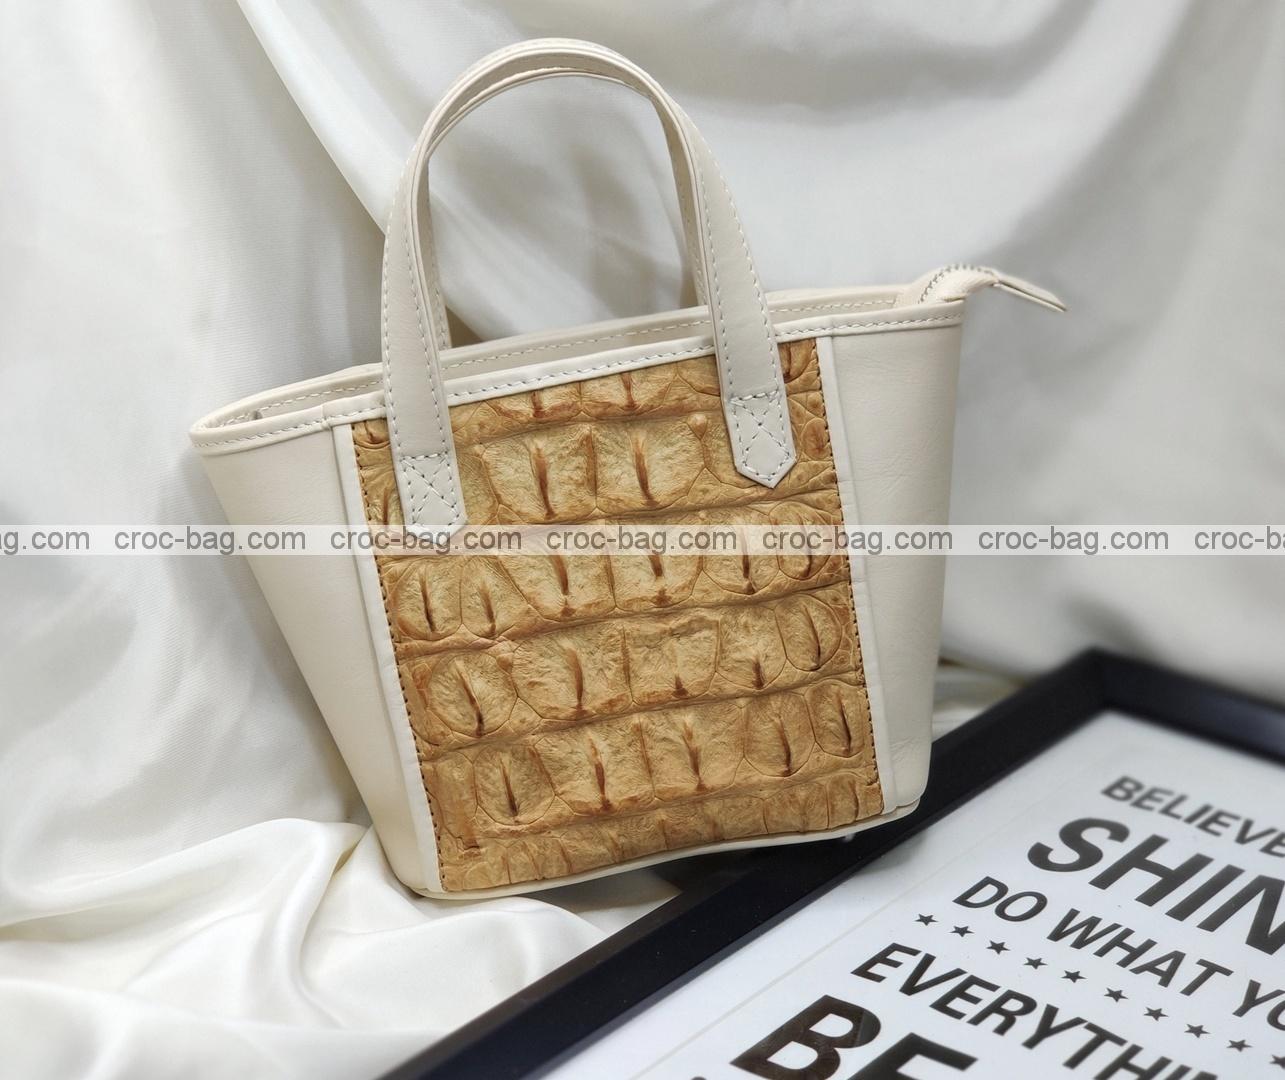 กระเป๋าหนังจระเข้สำหรับผู้หญิง 5468